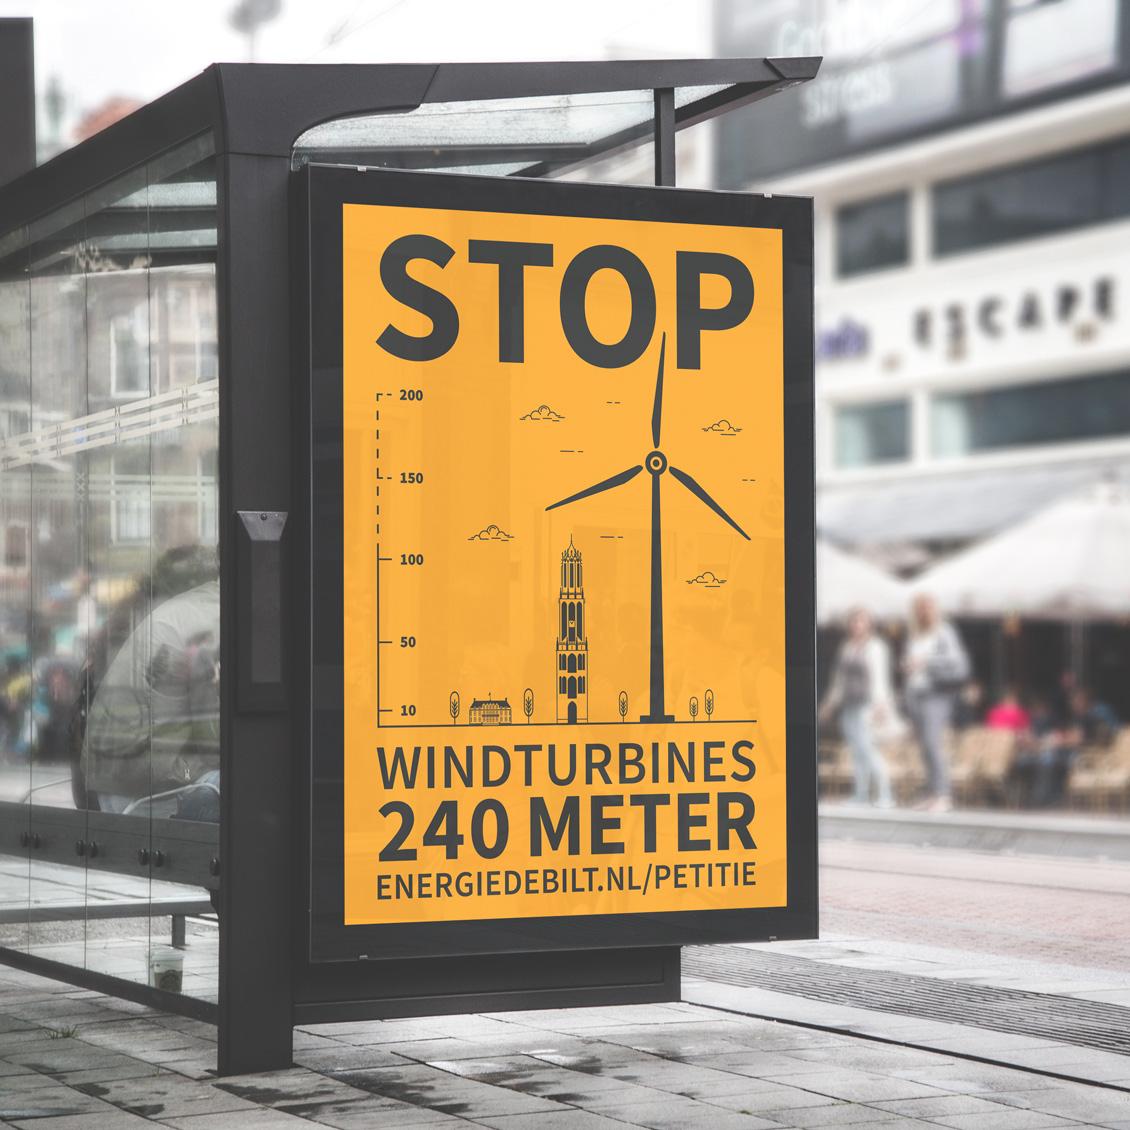 Download-poster-windturbines-de-bilt@2x